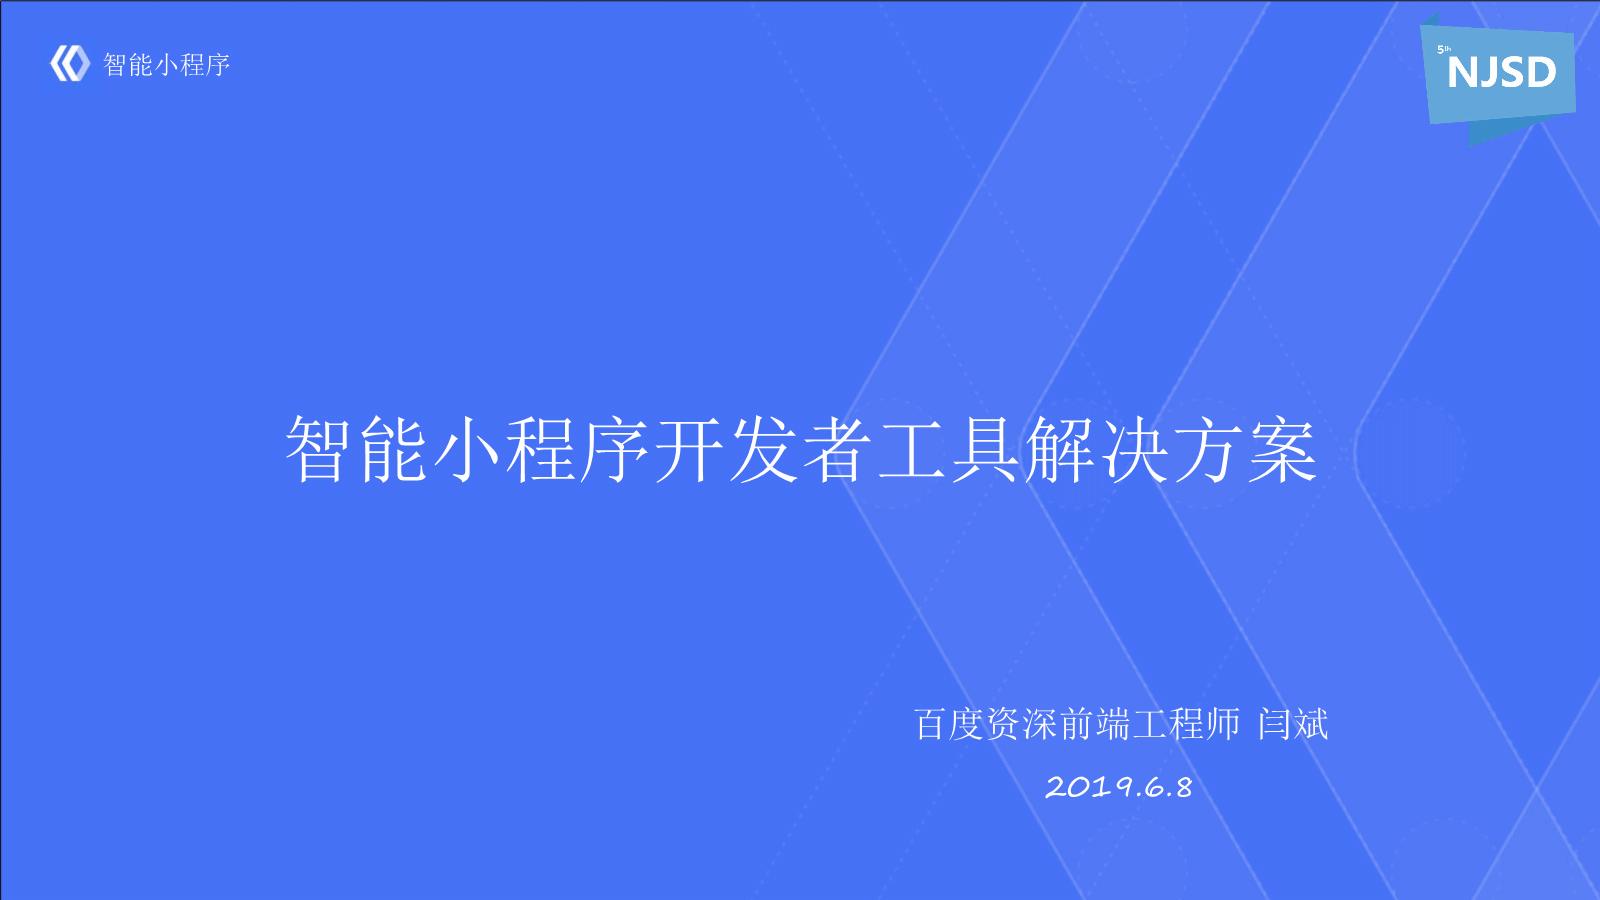 闫斌-智能小程序开发者工具解决方案